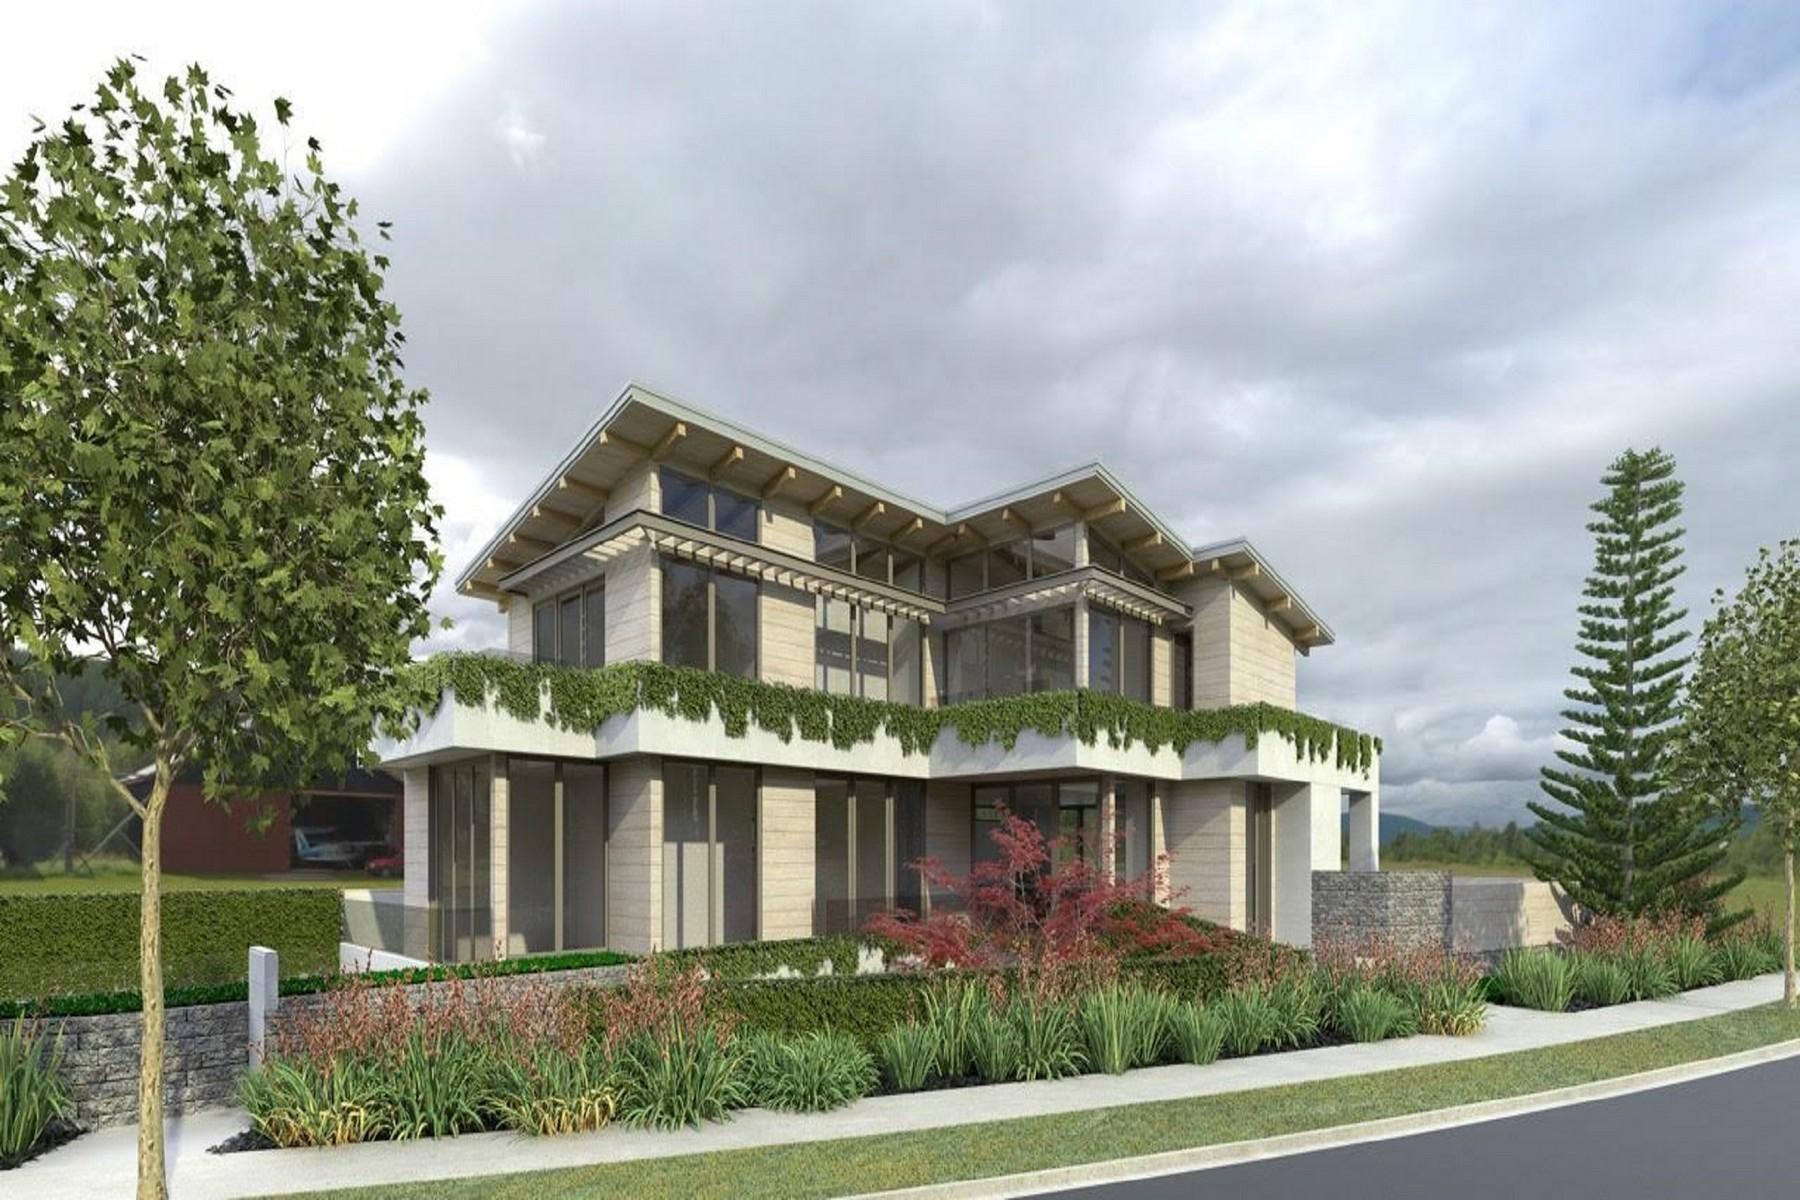 独户住宅 为 销售 在 1720 Miguel Avenue 科罗纳多, 加利福尼亚州, 92118 美国